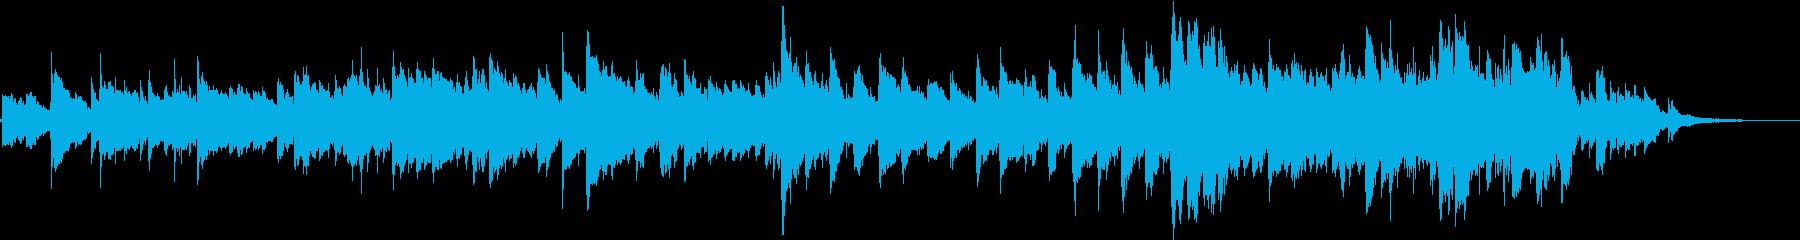 壮大なエンディング、ラスト歴史ゲーム Cの再生済みの波形